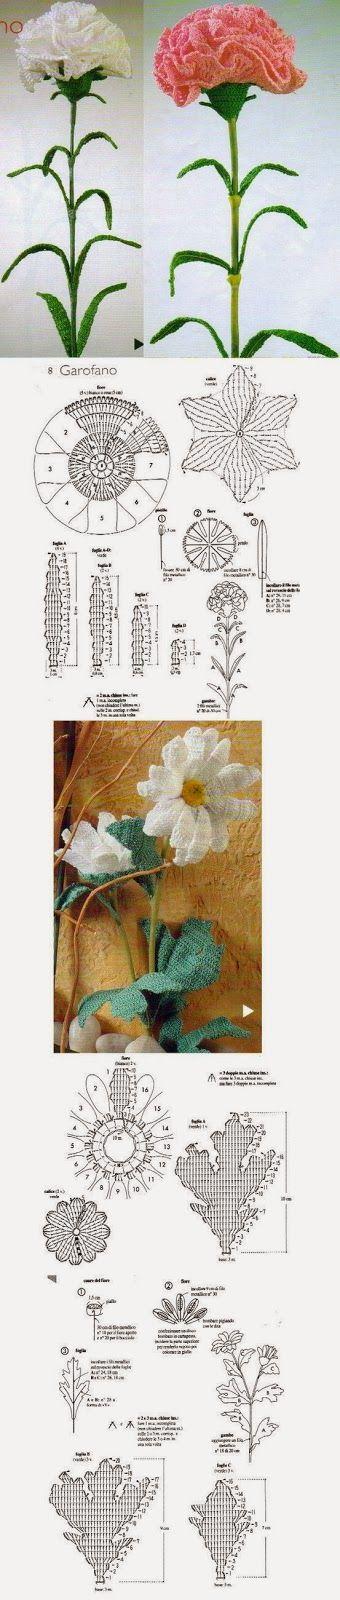 23547 Best Crochet Images On Pinterest Crochet Patterns Crocheted